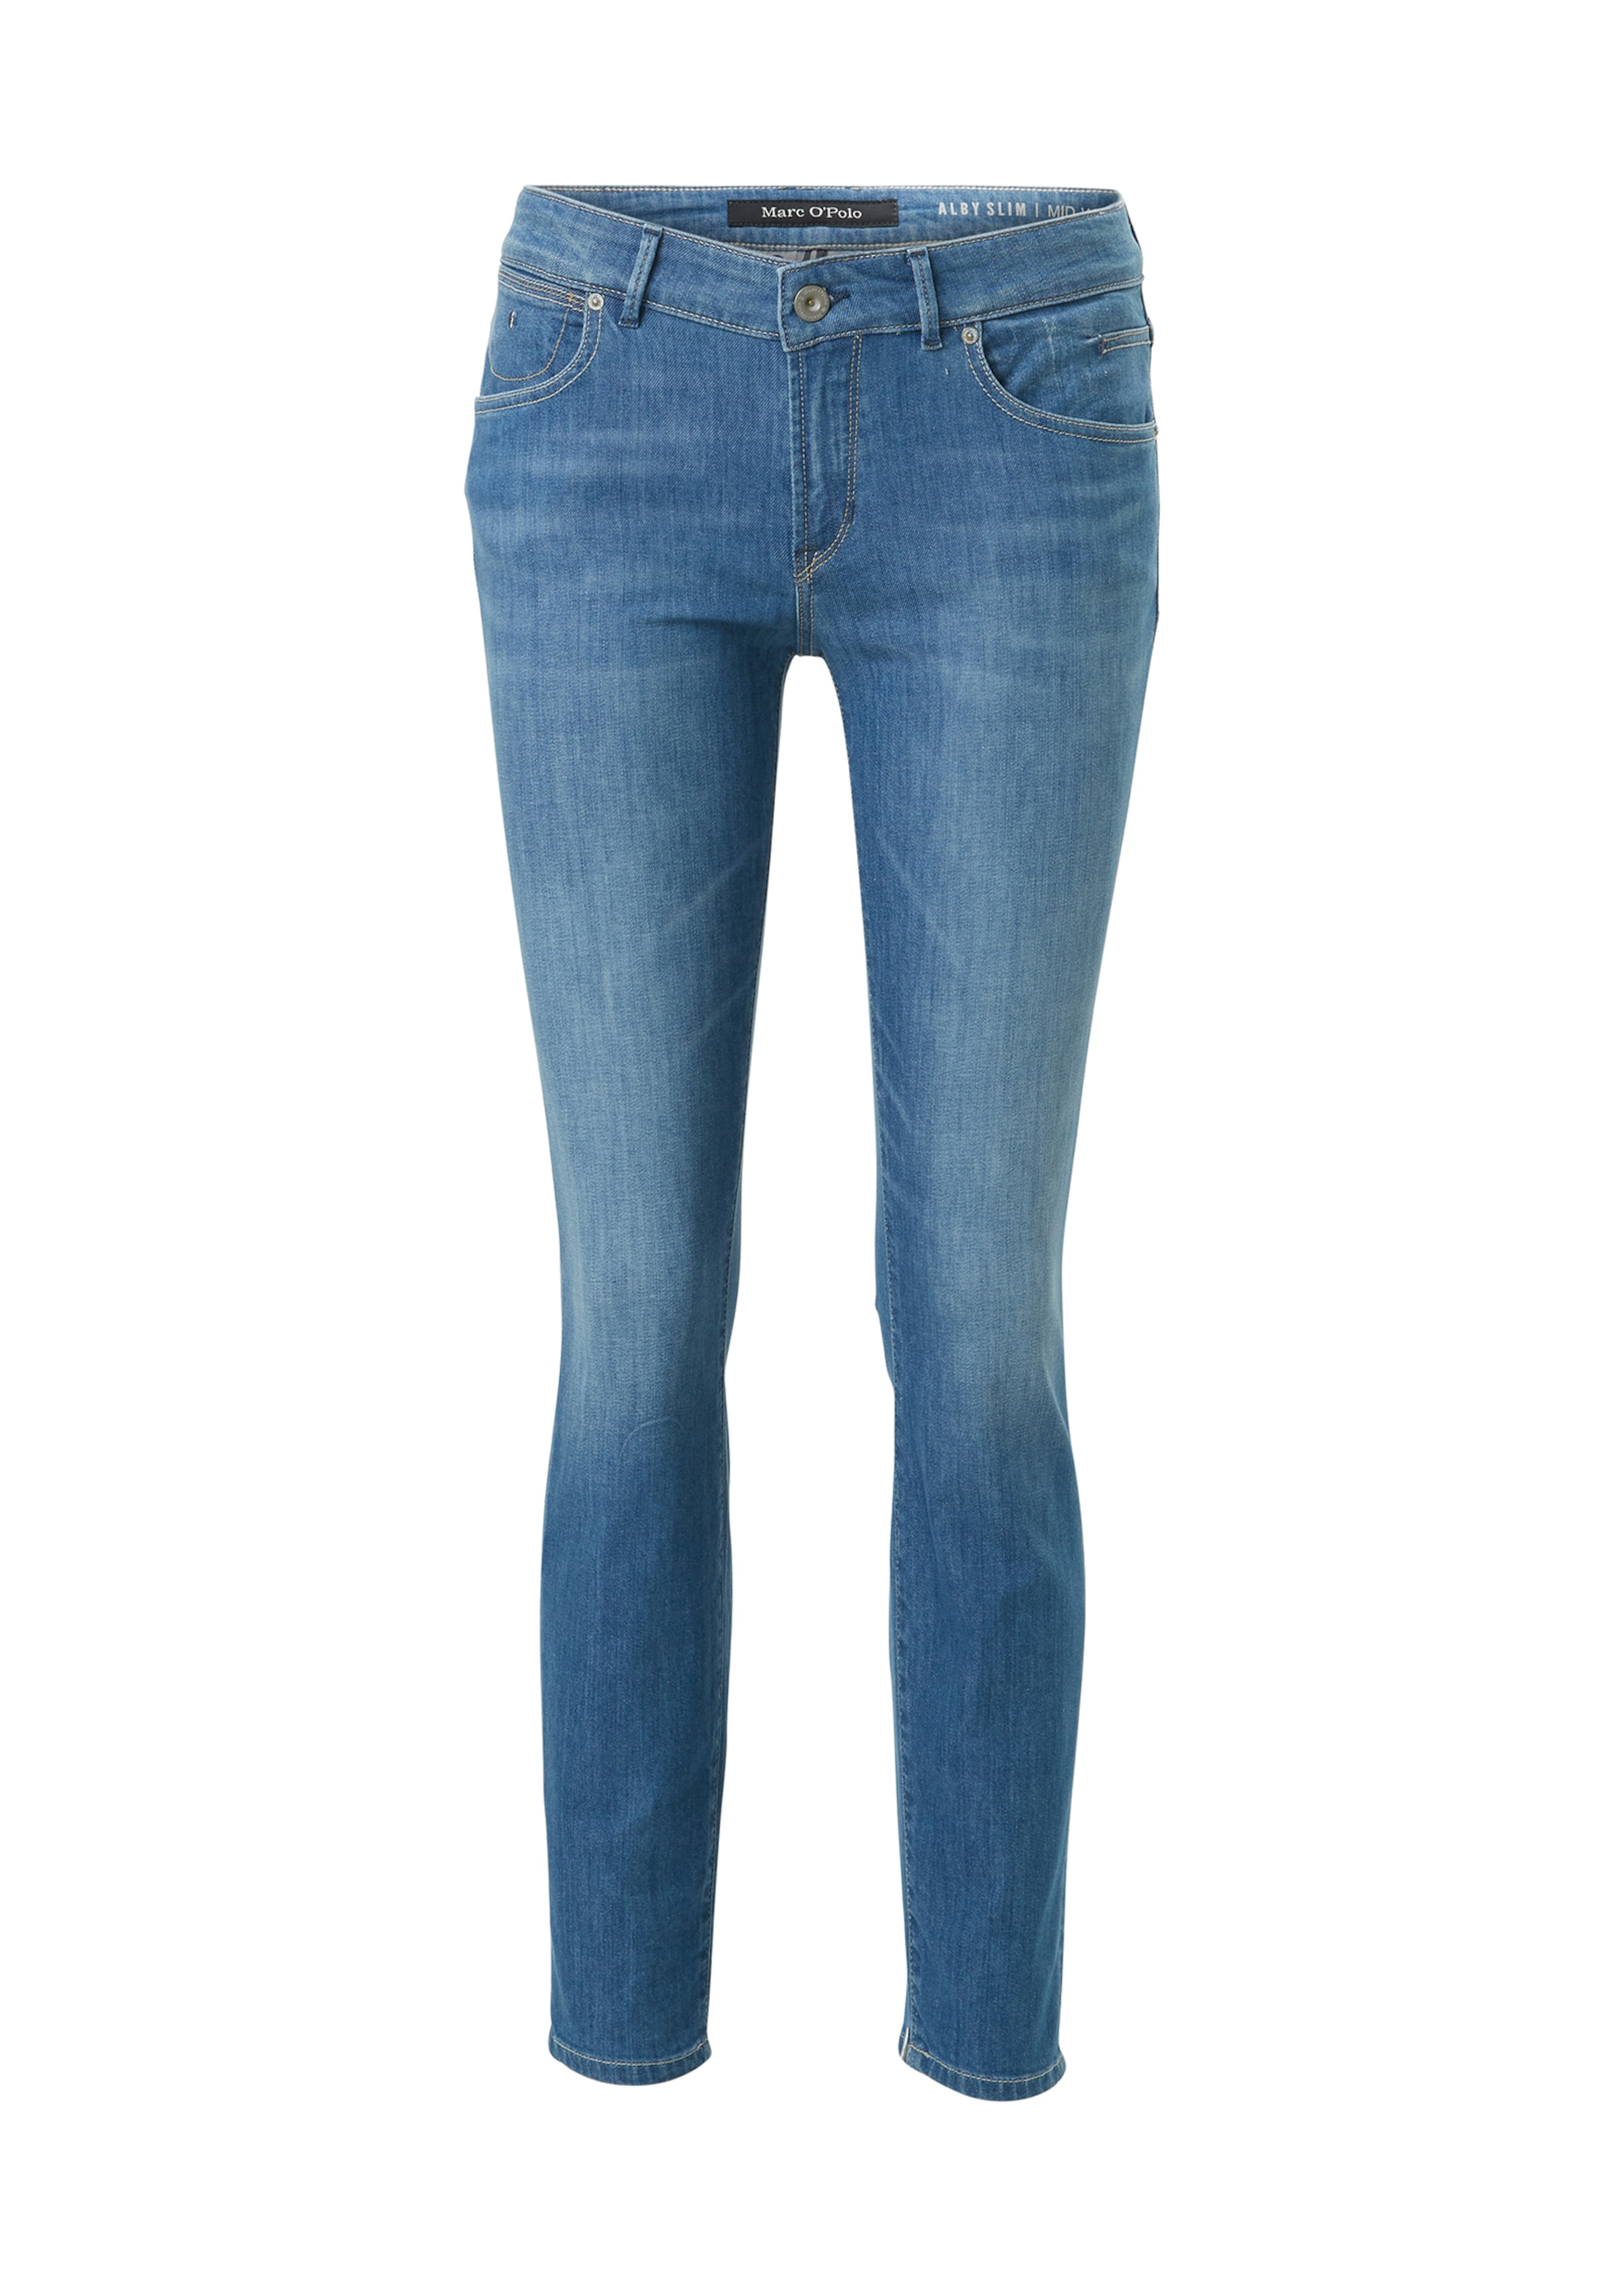 Blue Denim Jeans 'alby' Marc In O'polo IWE2eDYH9